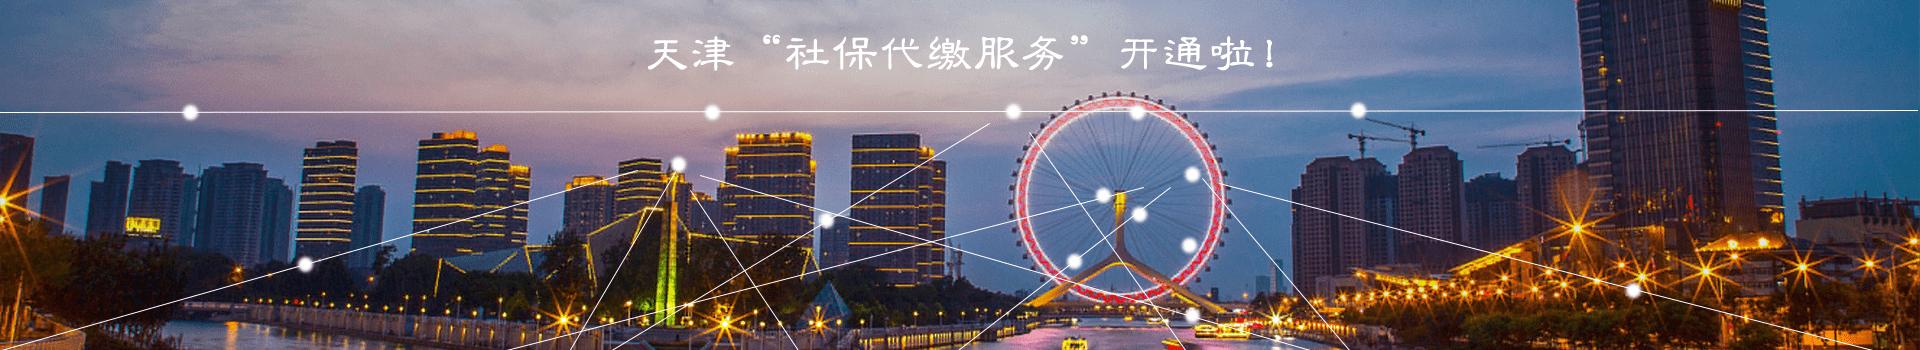 e社宝——天津城市彩立方平台下载代缴